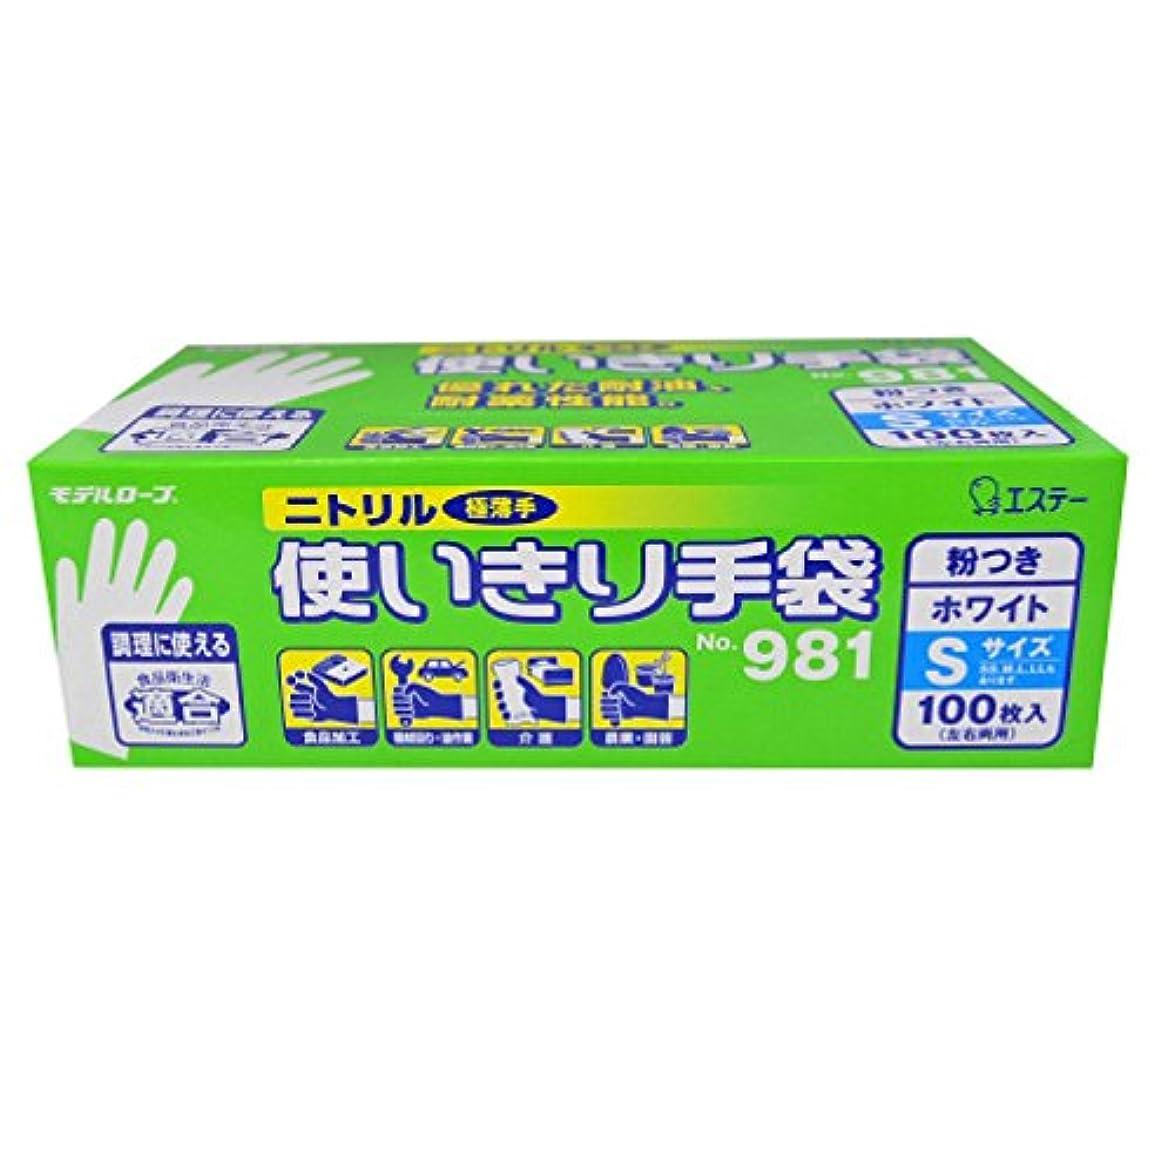 開いた群集ネコエステー/ニトリル使いきり手袋 箱入 (粉つき) [100枚入]/品番:981 サイズ:L カラー:ブルー